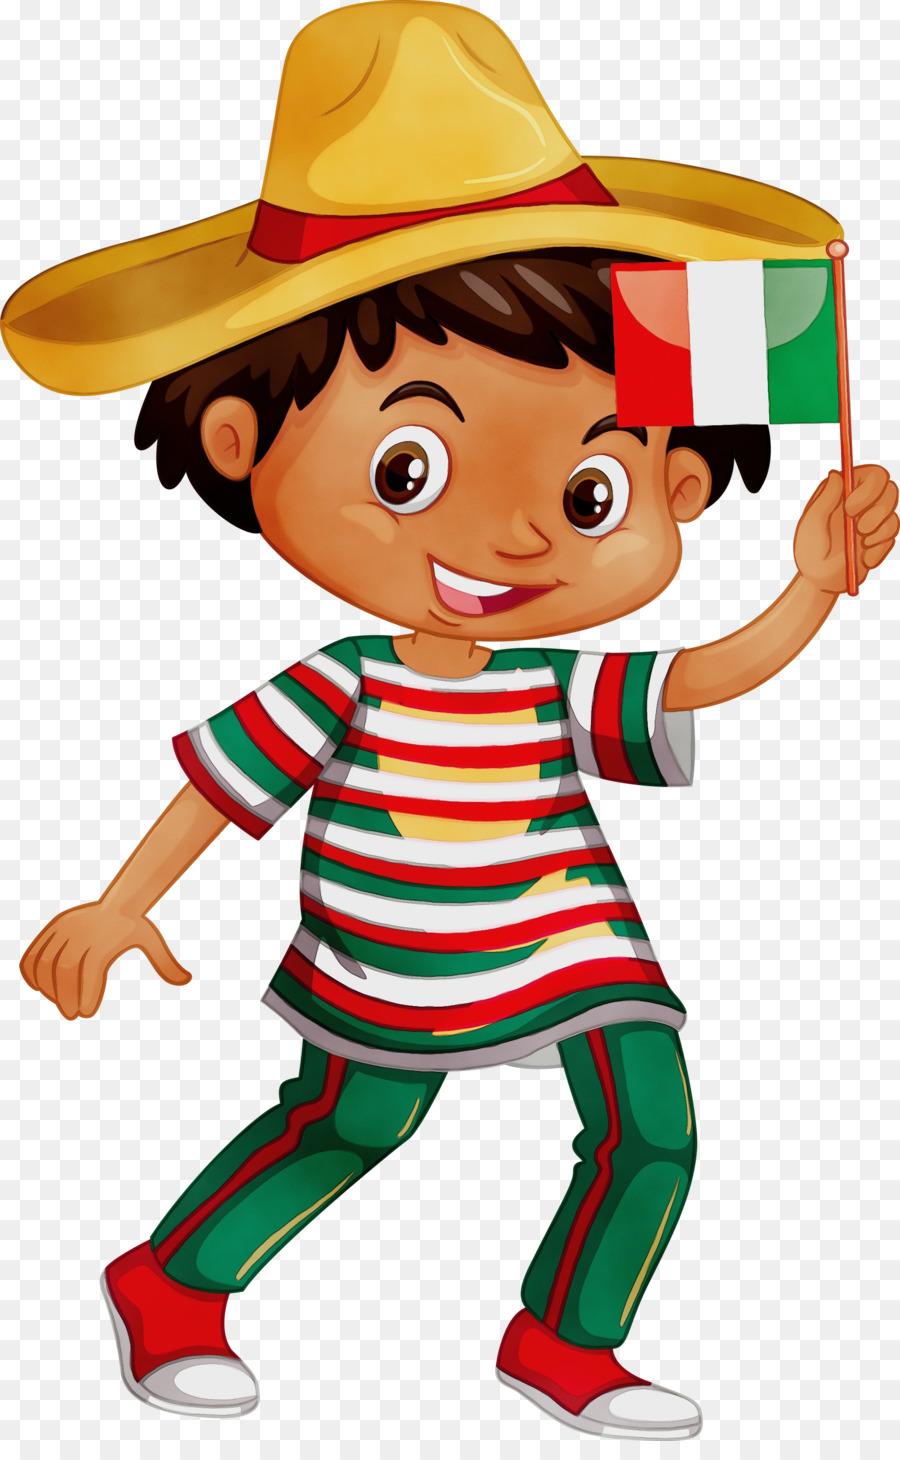 Descarga gratuita de México, Sombrero, Carácter Imágen de Png